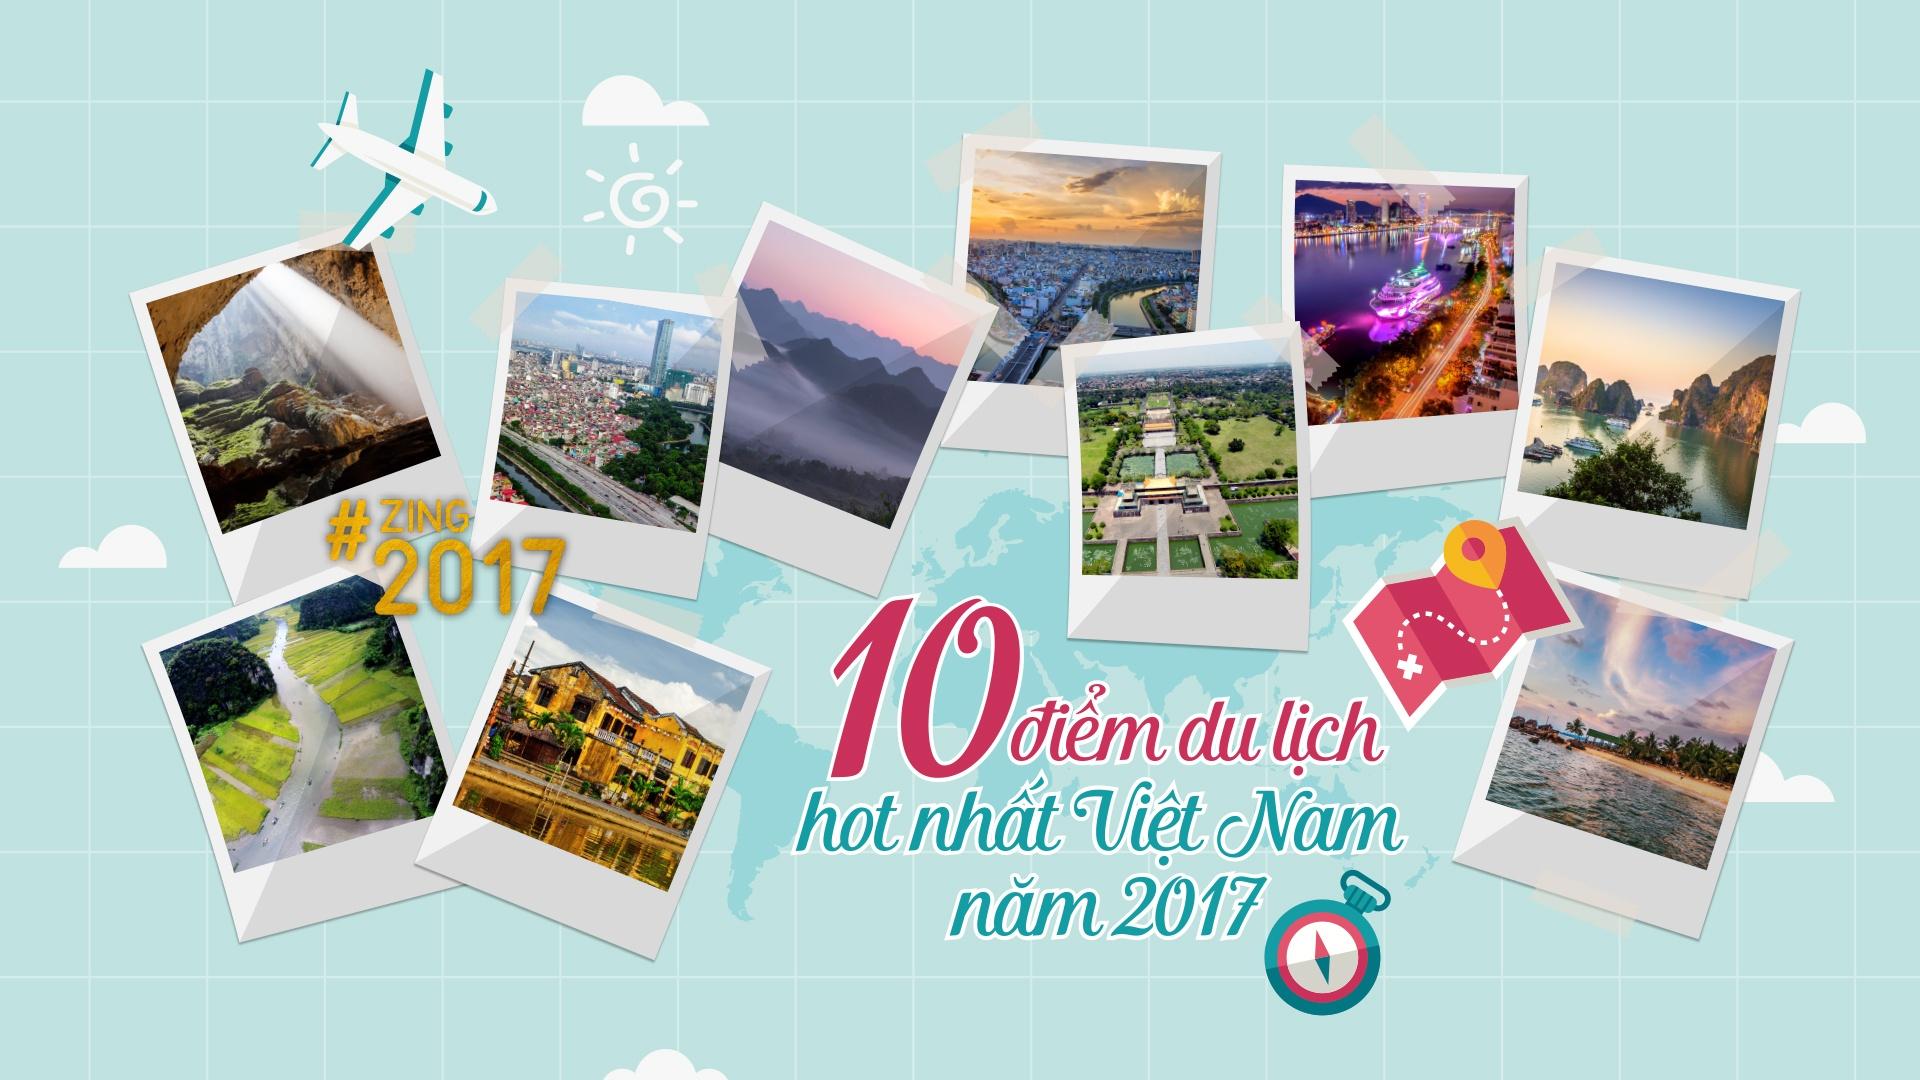 10 dia diem du lich hot nhat Viet Nam 2017 hinh anh 1